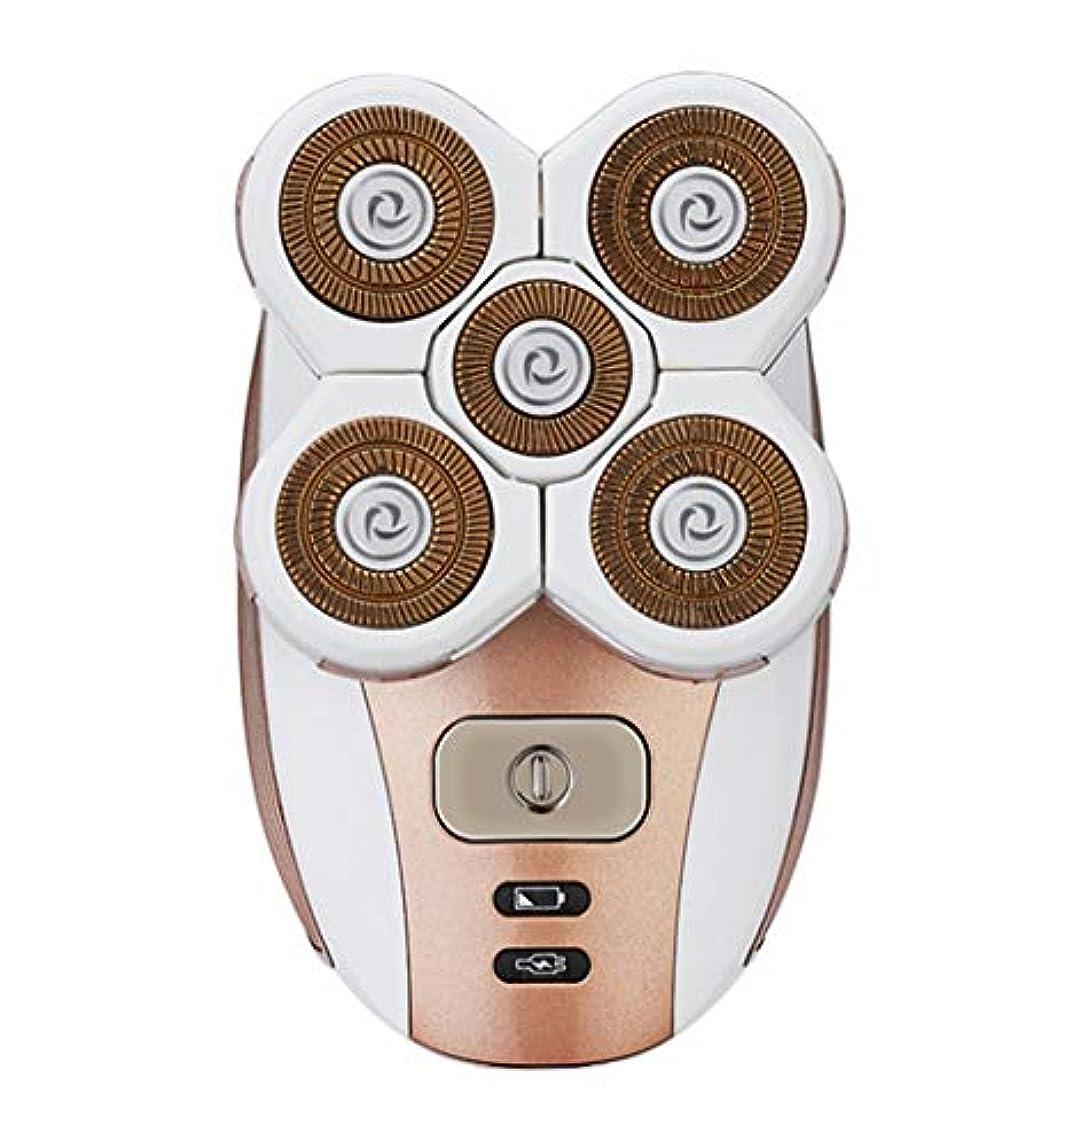 クローン農場ノベルティZCYX - 脱毛器 電気脱毛装置プライベートパーツシェービング器具脇の下陰毛剃毛レディーシェーバー